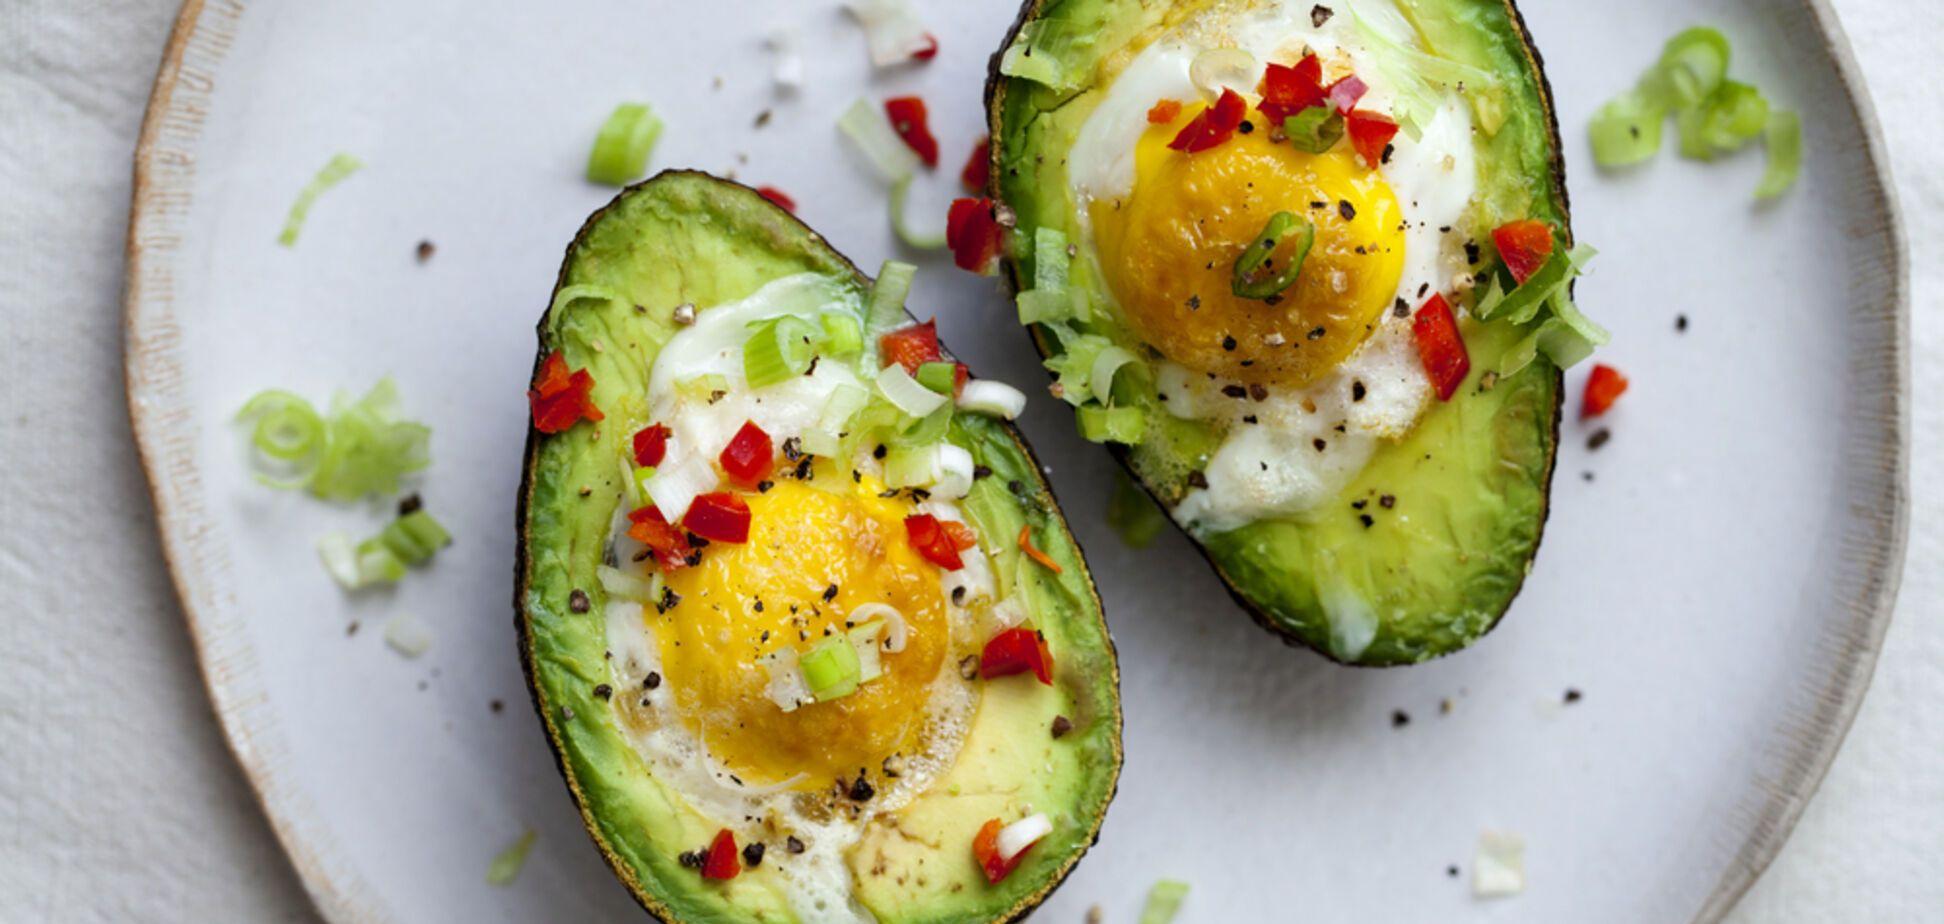 Щастя на тарілці: дієтолог розповіла, що їсти на сніданок, щоб бути успішним